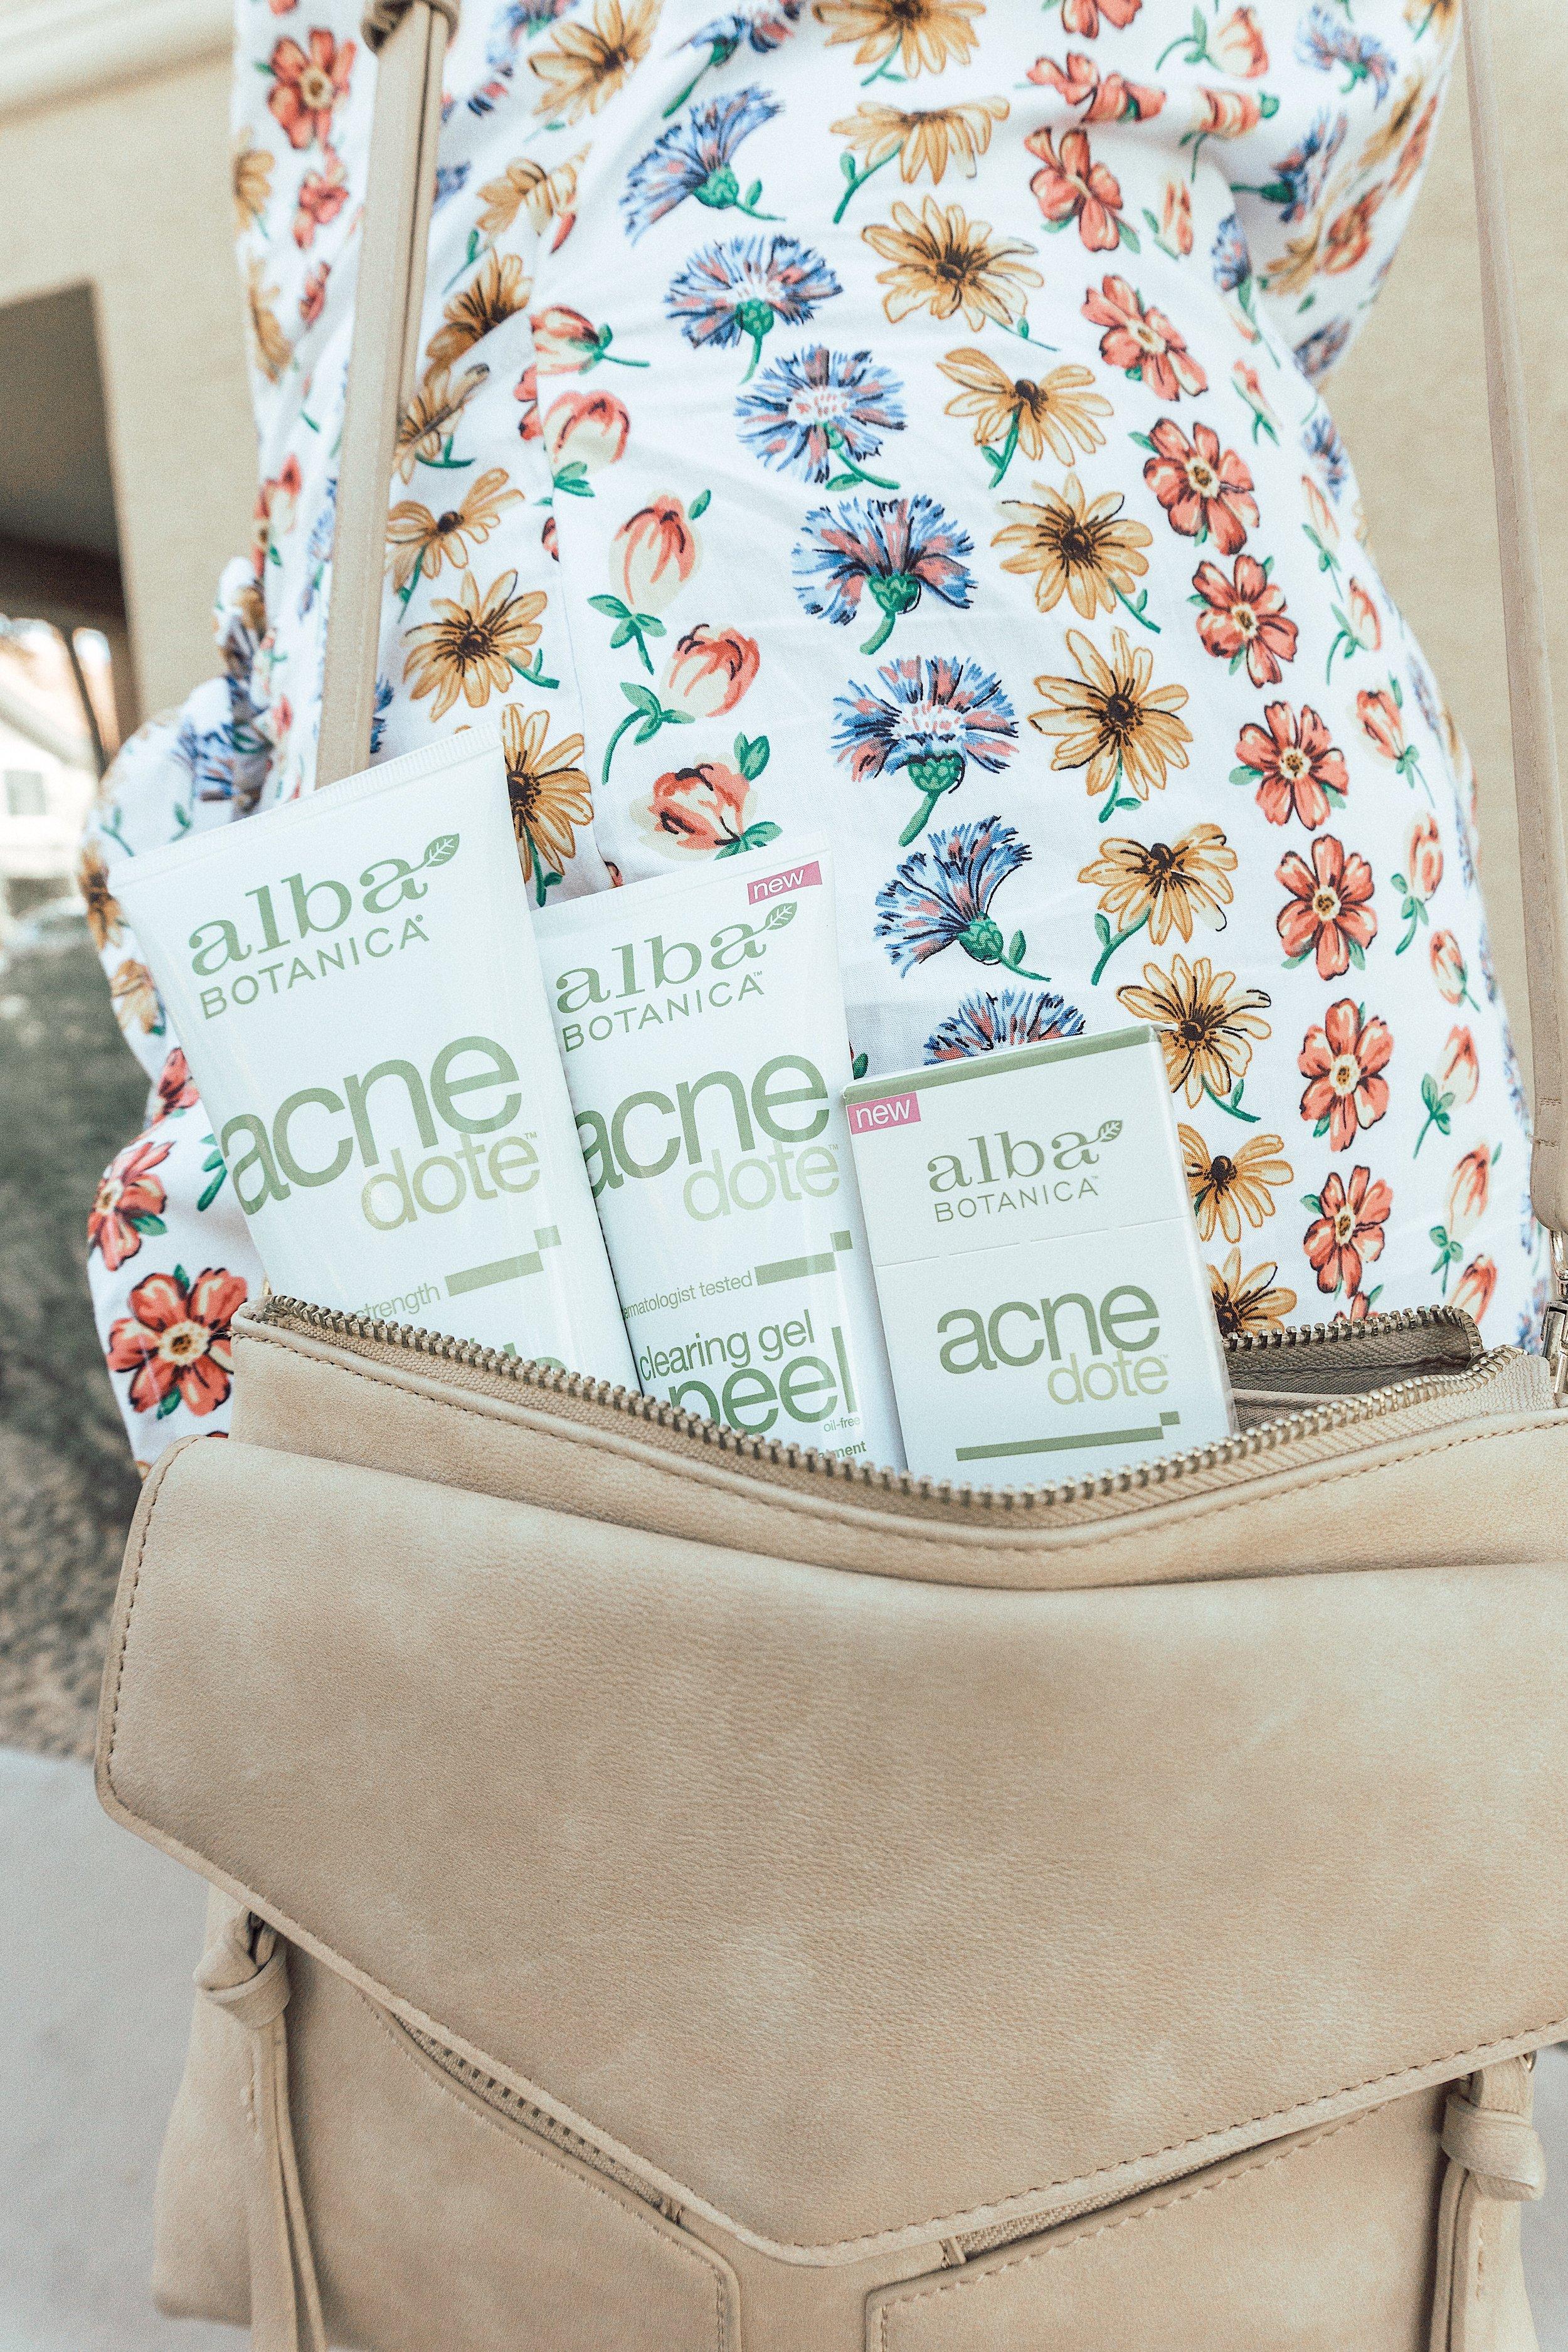 alba-botanica-acnedote-review-2